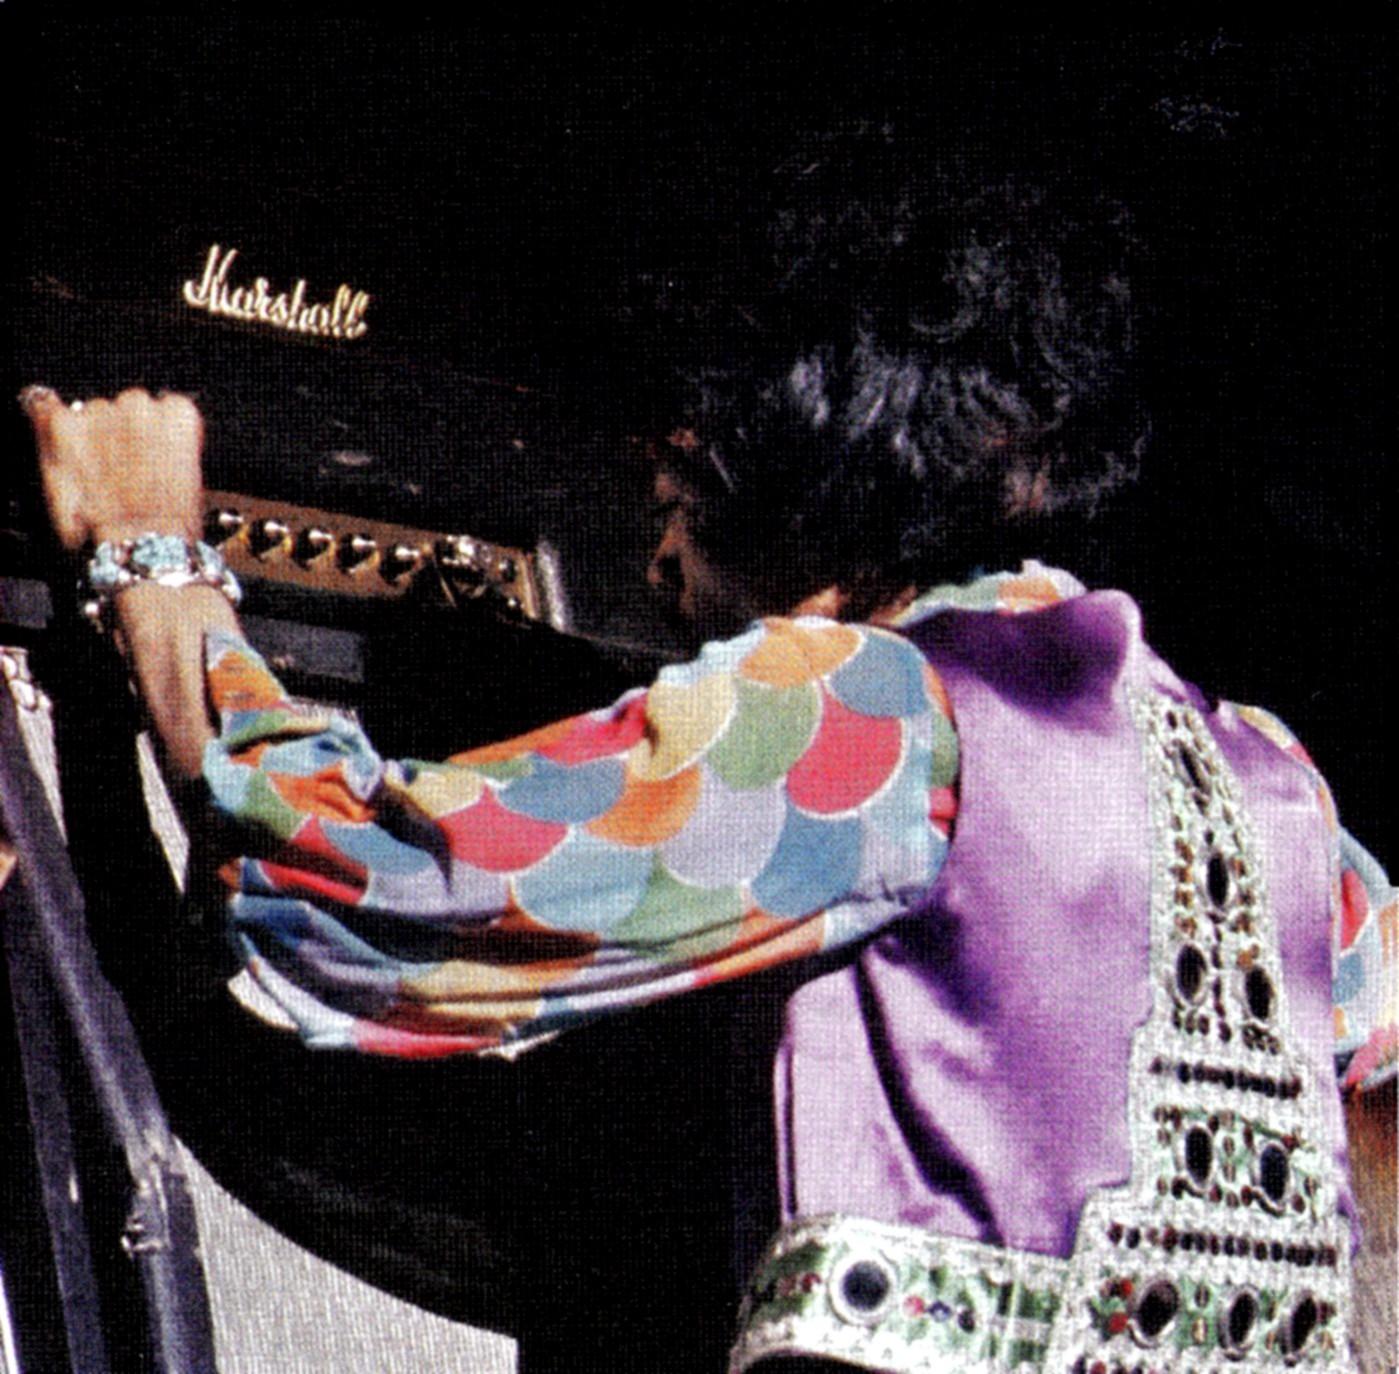 Oakland (Oakland Coliseum) : 13 septembre 1968  - Page 2 824126735636notwinterland